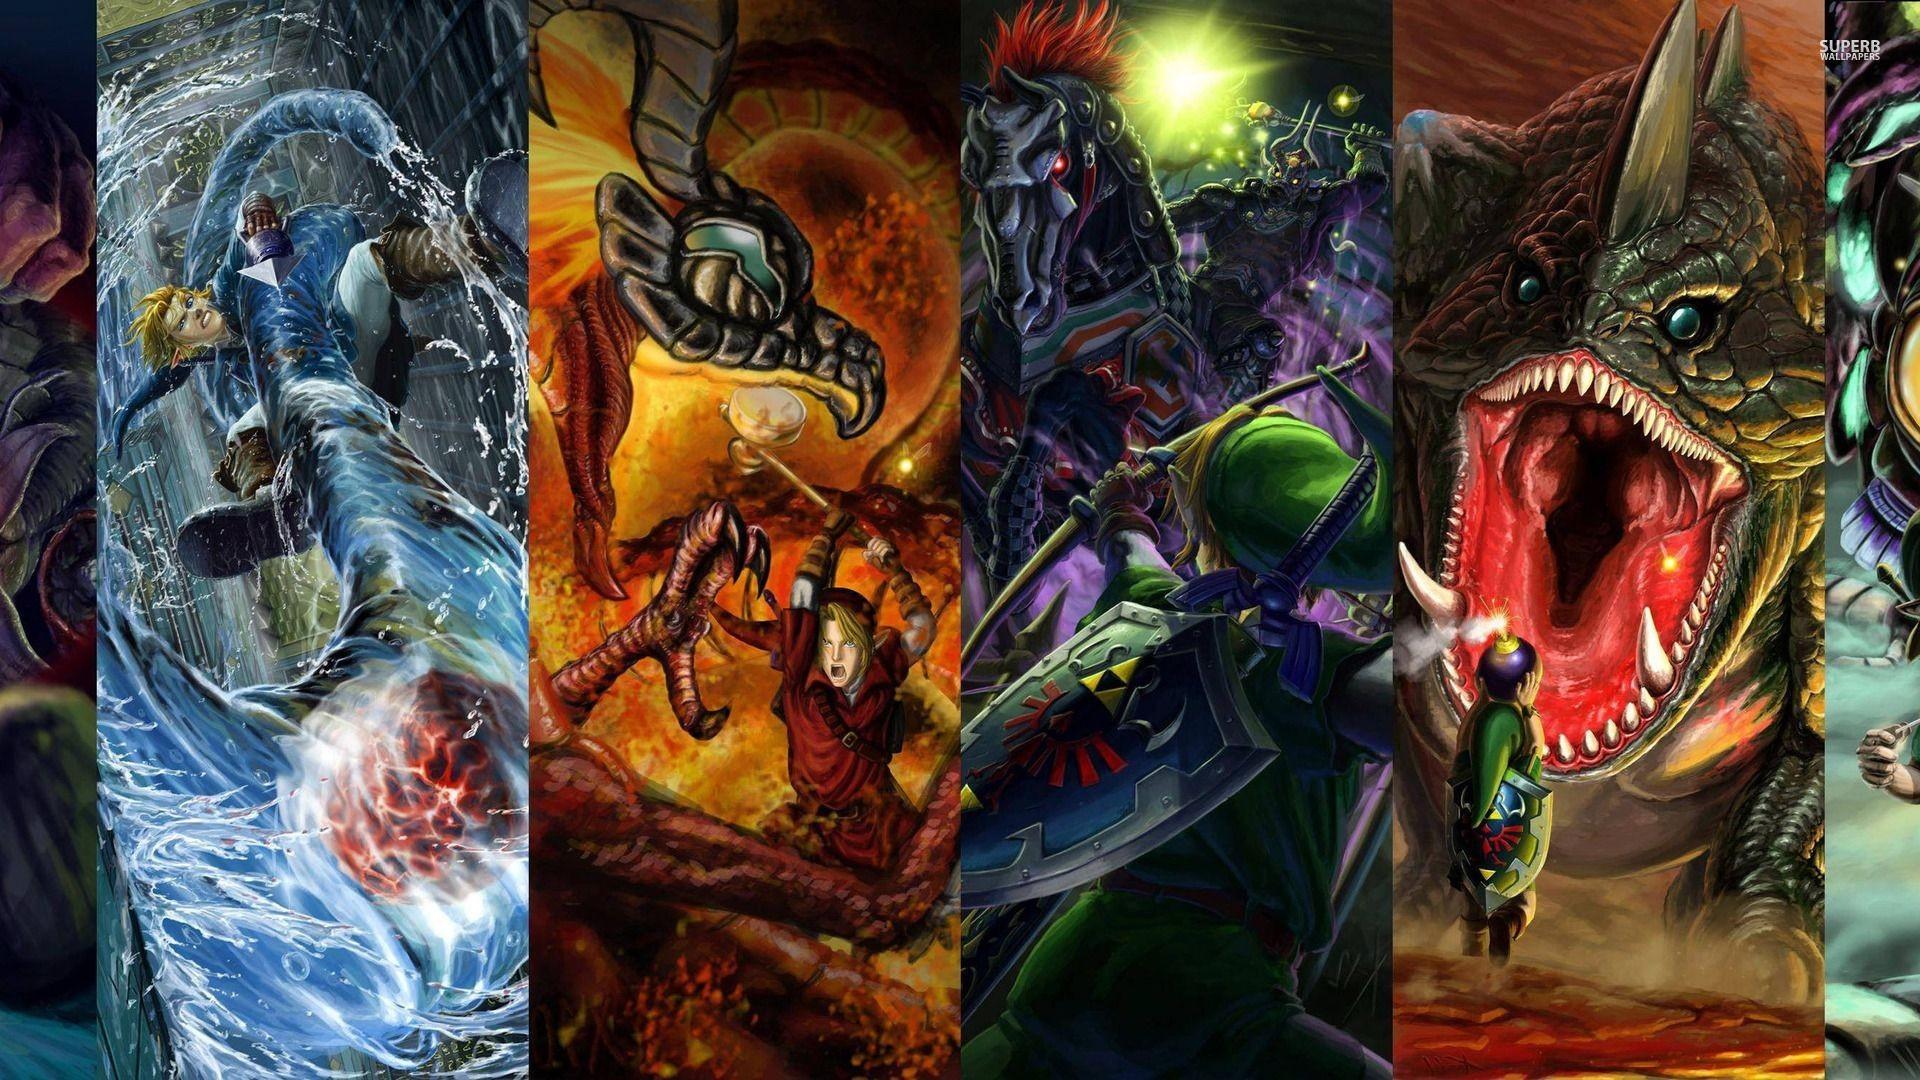 Res: 1920x1080, The Legend of Zelda wallpaper - Game wallpapers - #27410